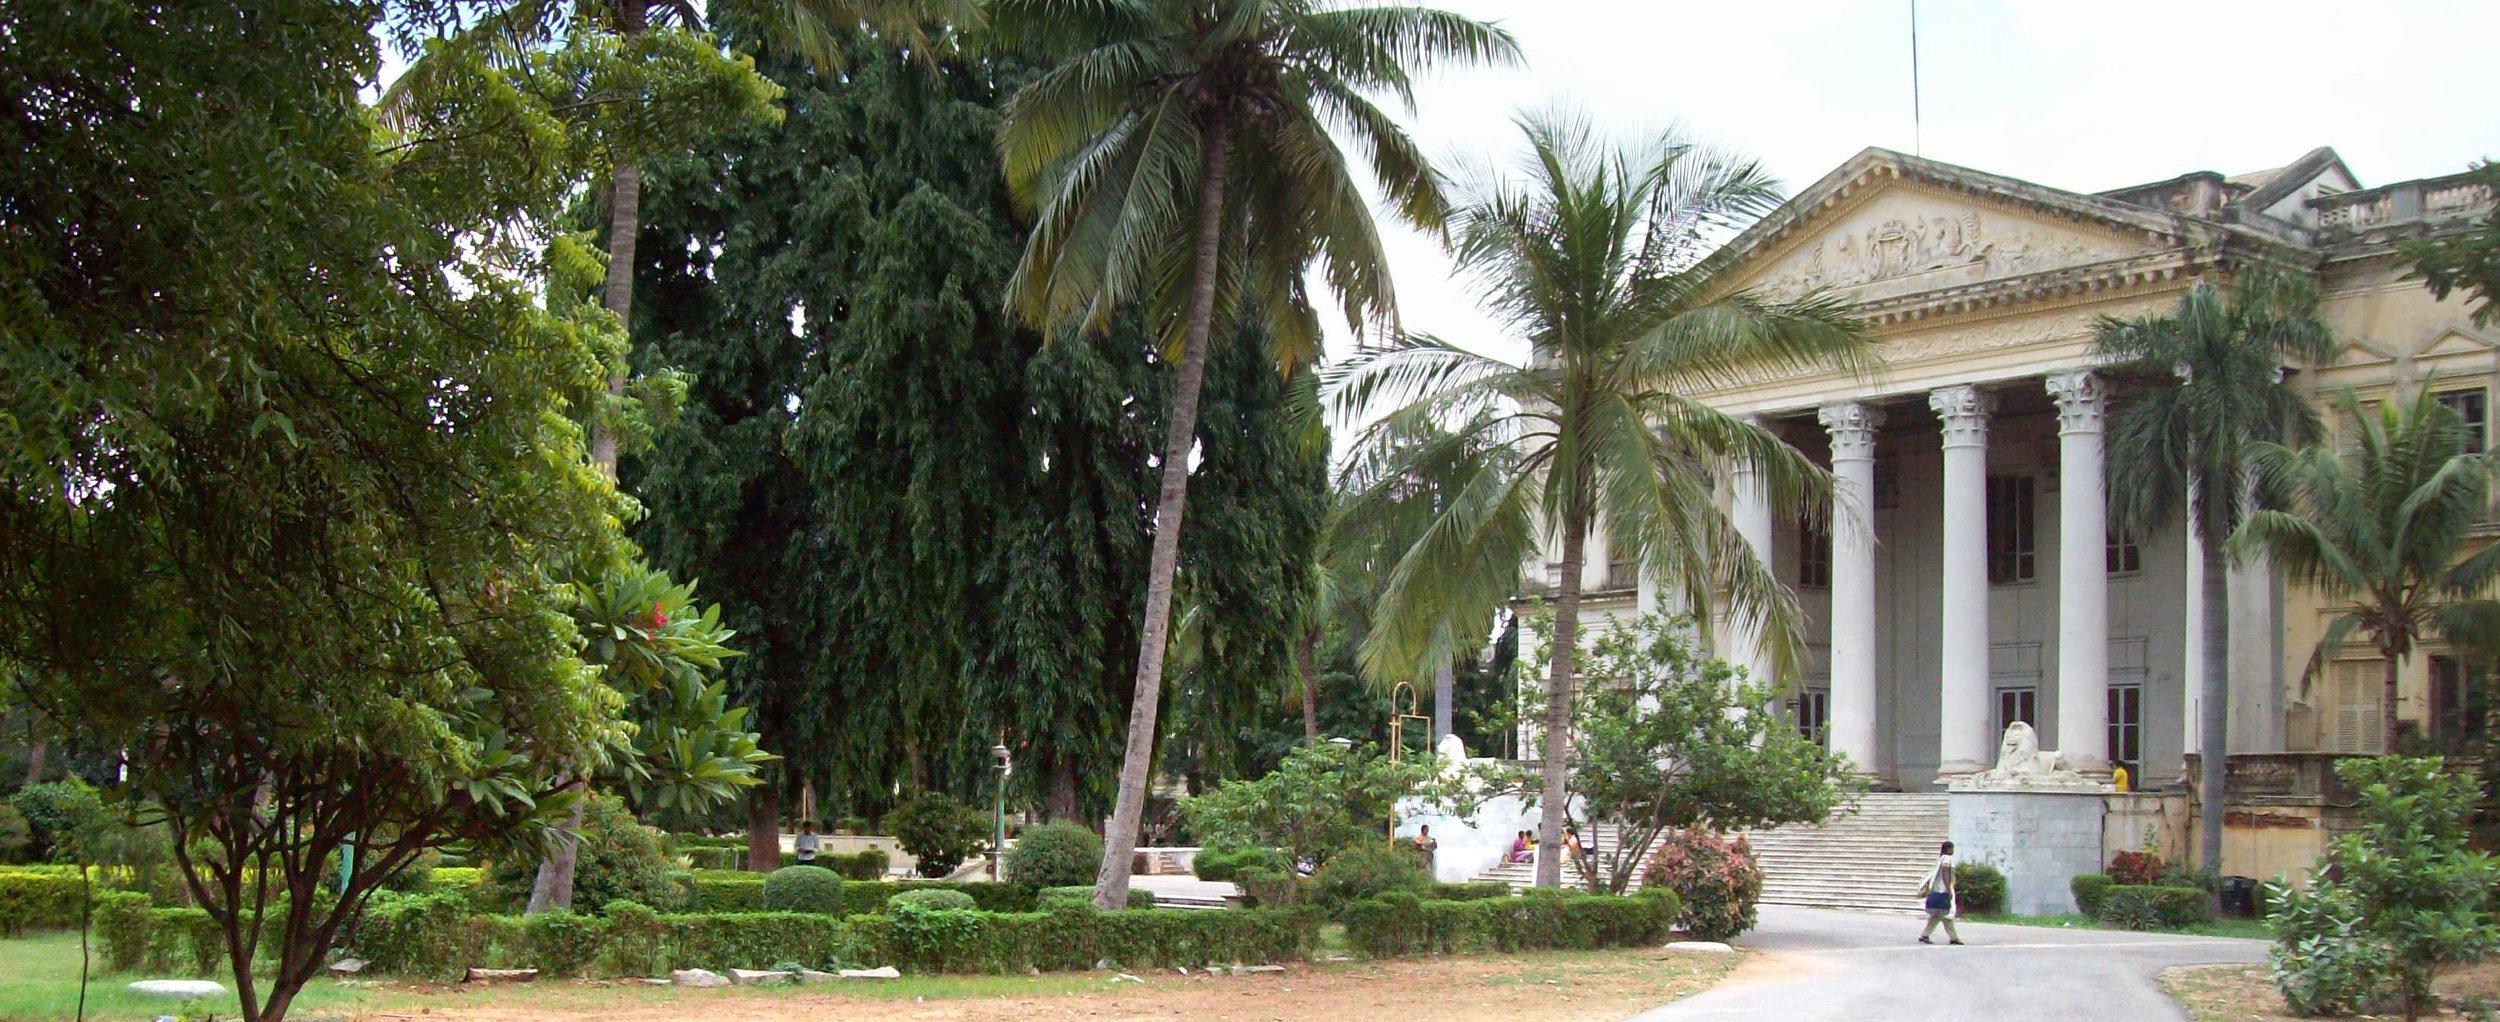 Ficus-landscape-bangalore-Osmania university-Hyderabad-2